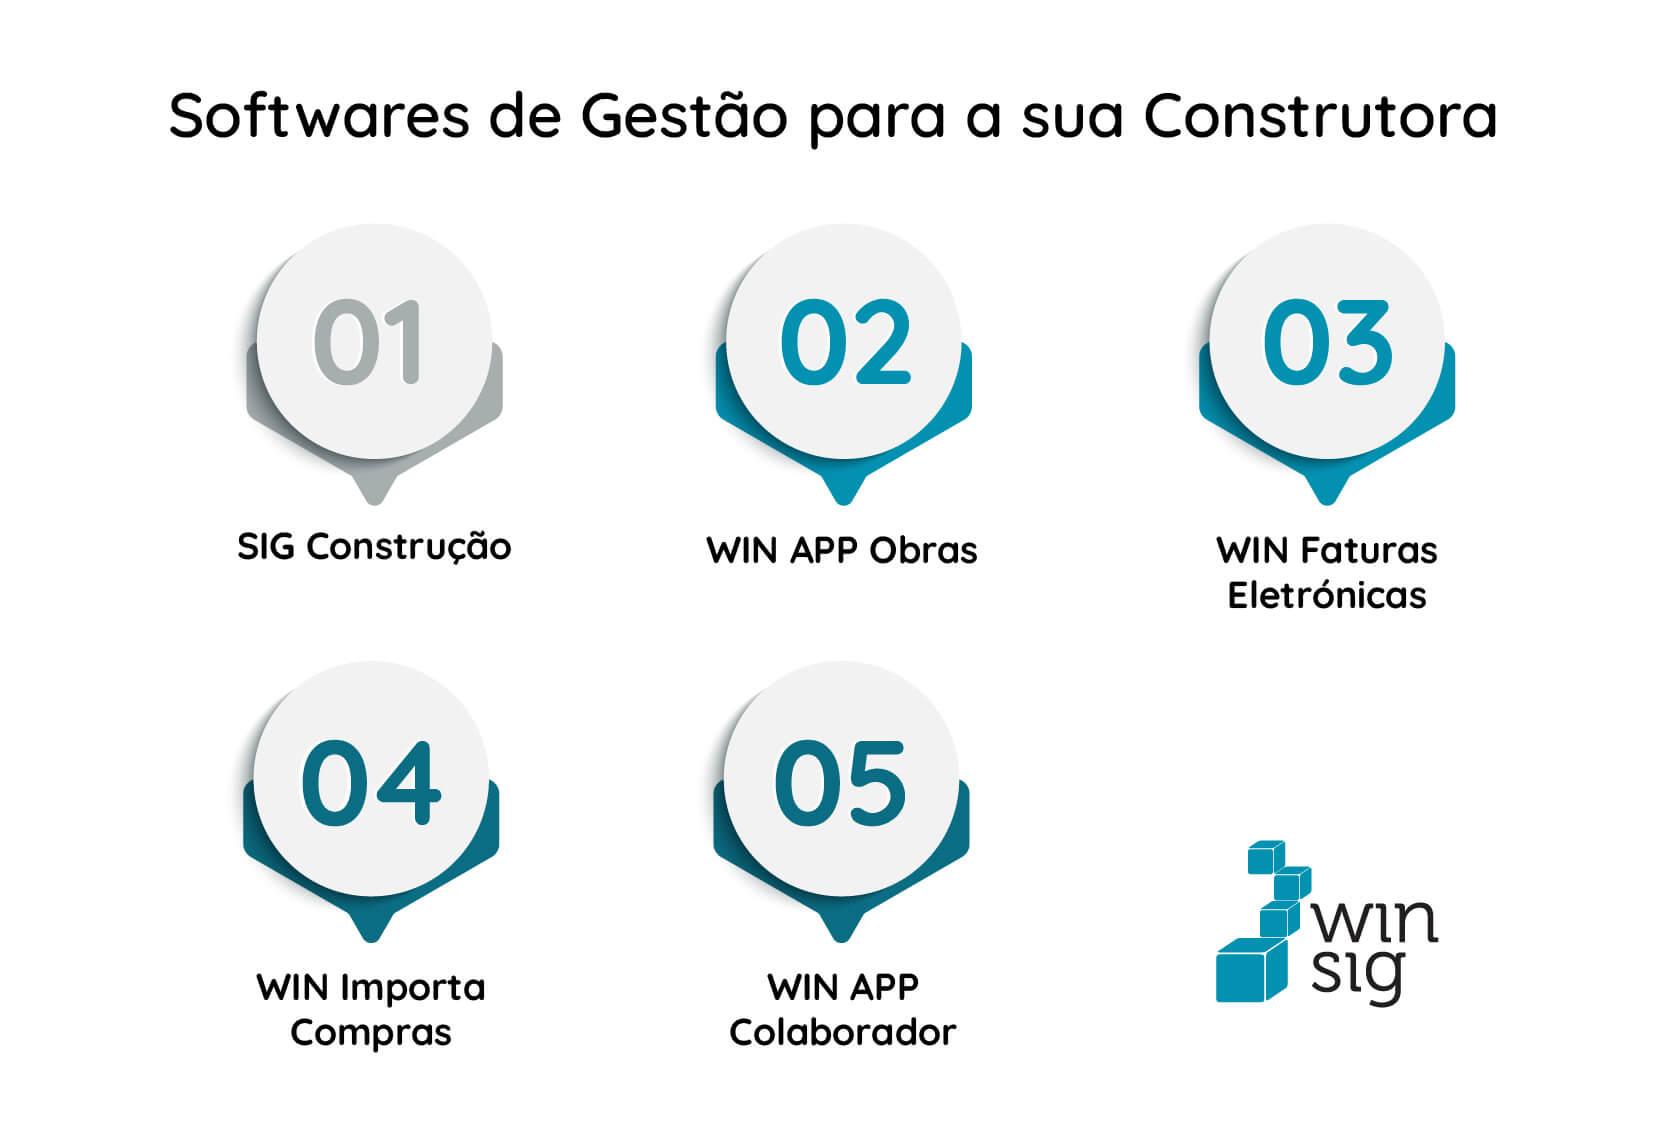 Softwares Gestao Construtora